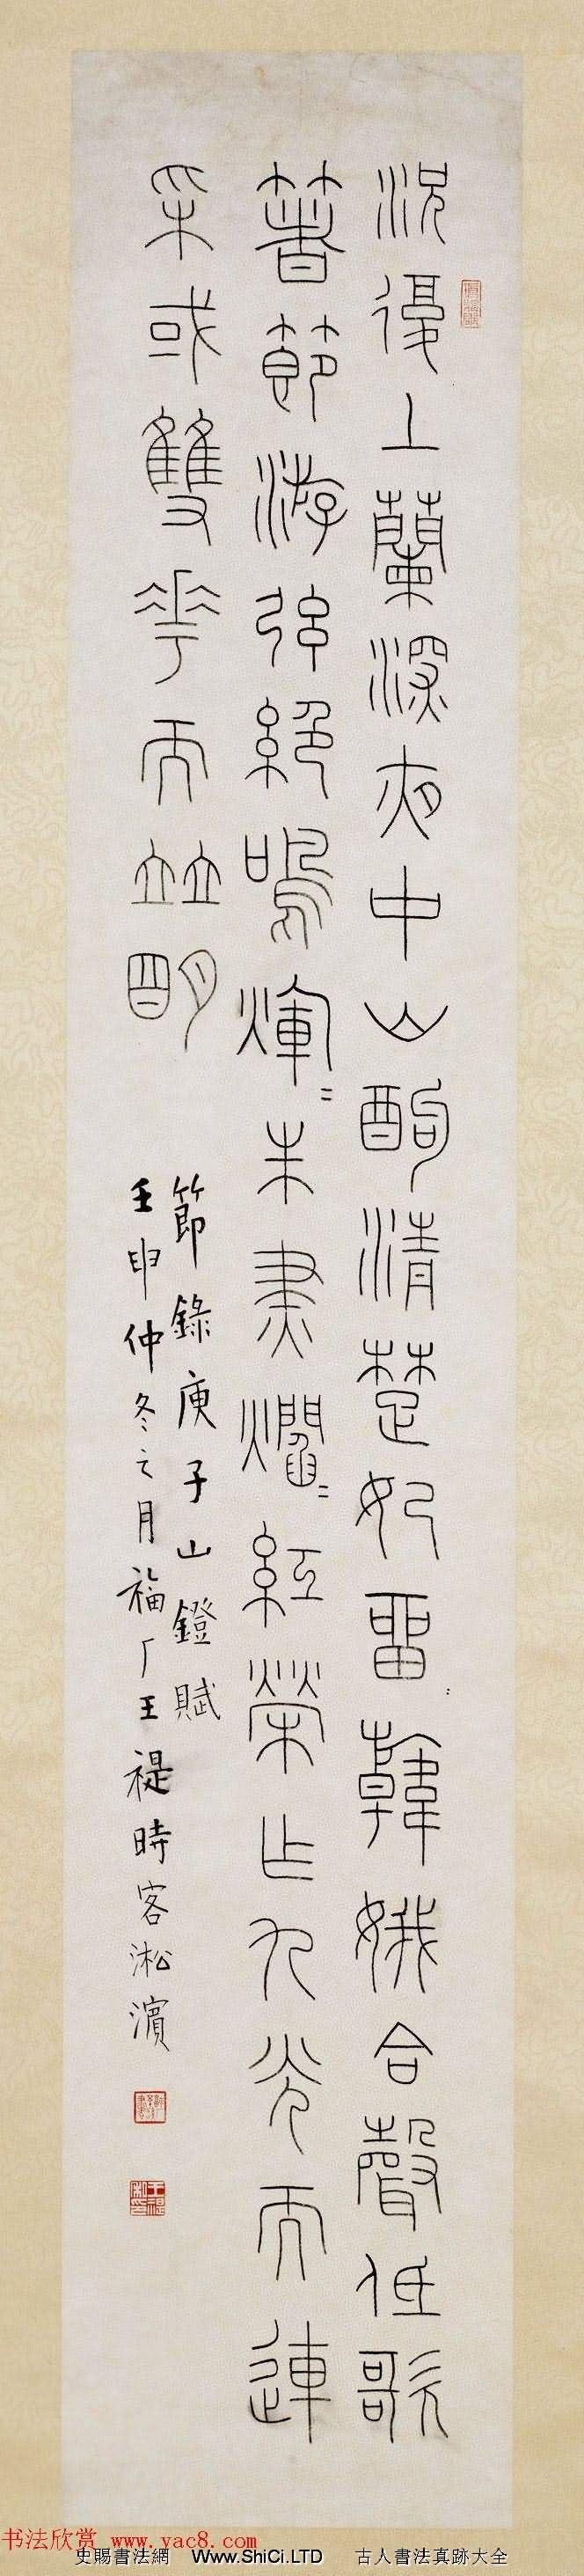 近代王福庵篆書四屏欣賞